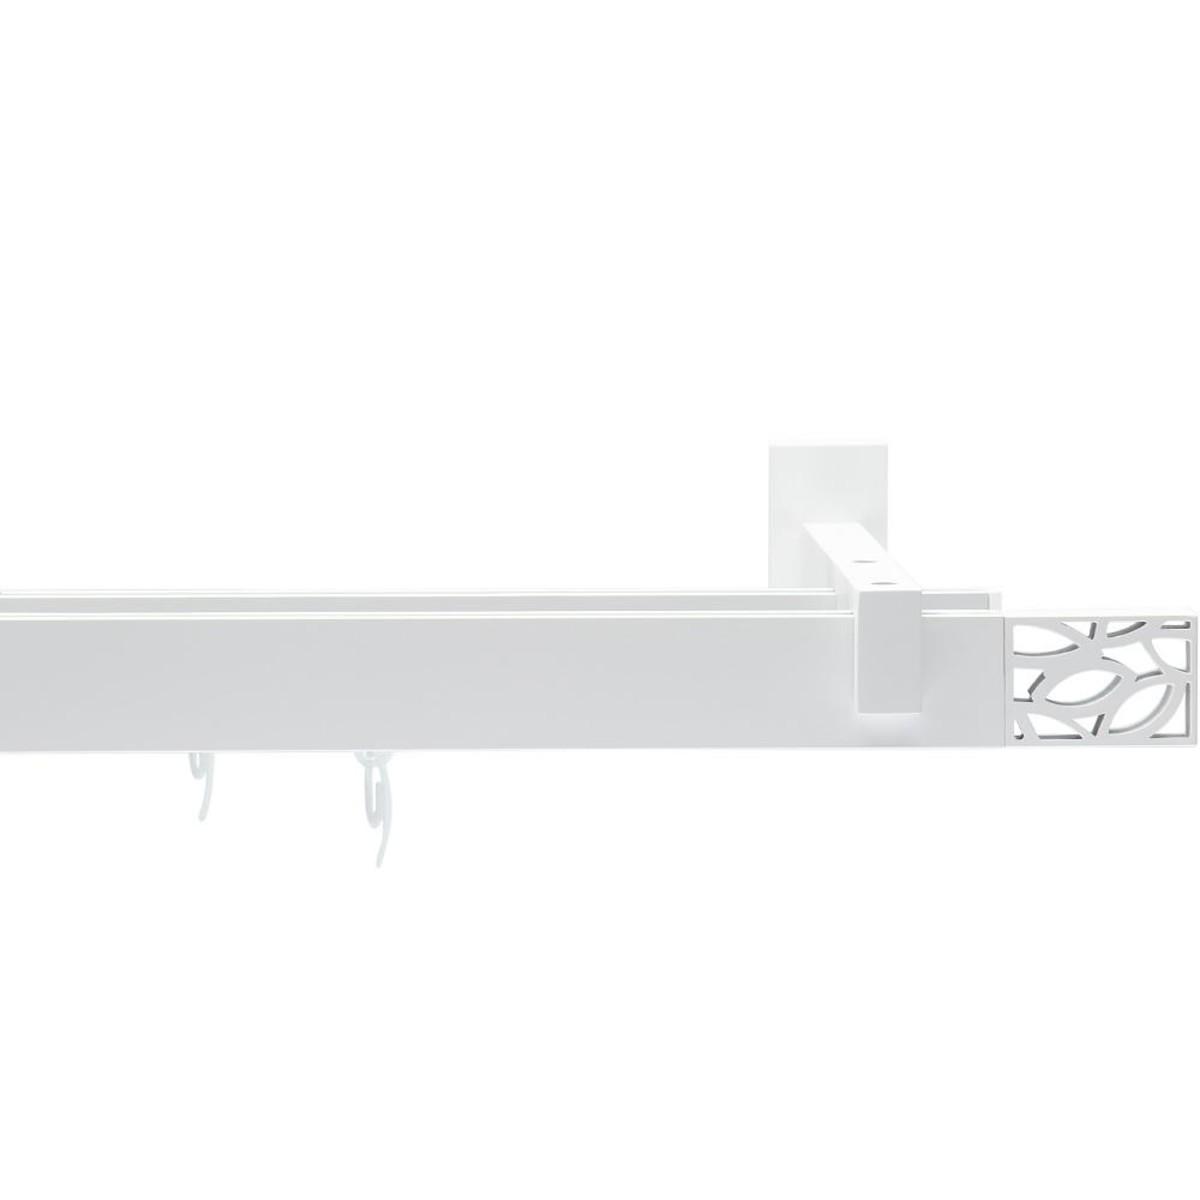 Карниз Arttex Хай-тек Шарм 320 см составной